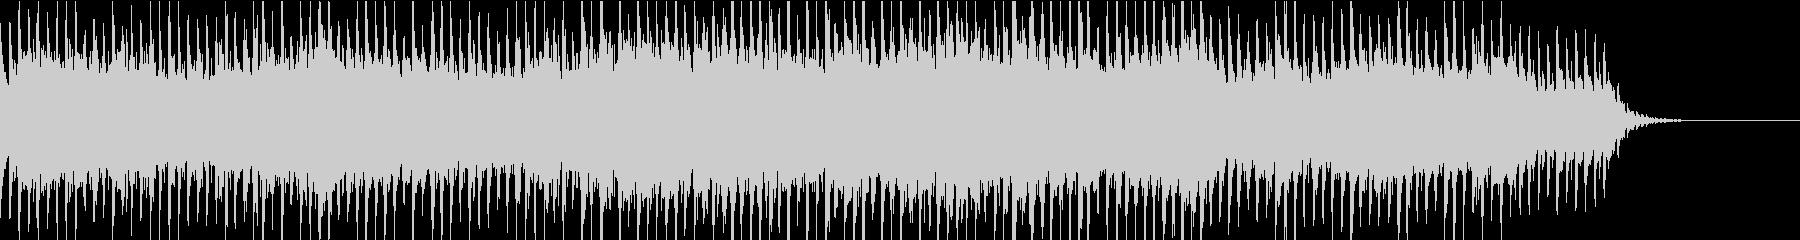 イルミネーションBGM③ビート感の未再生の波形